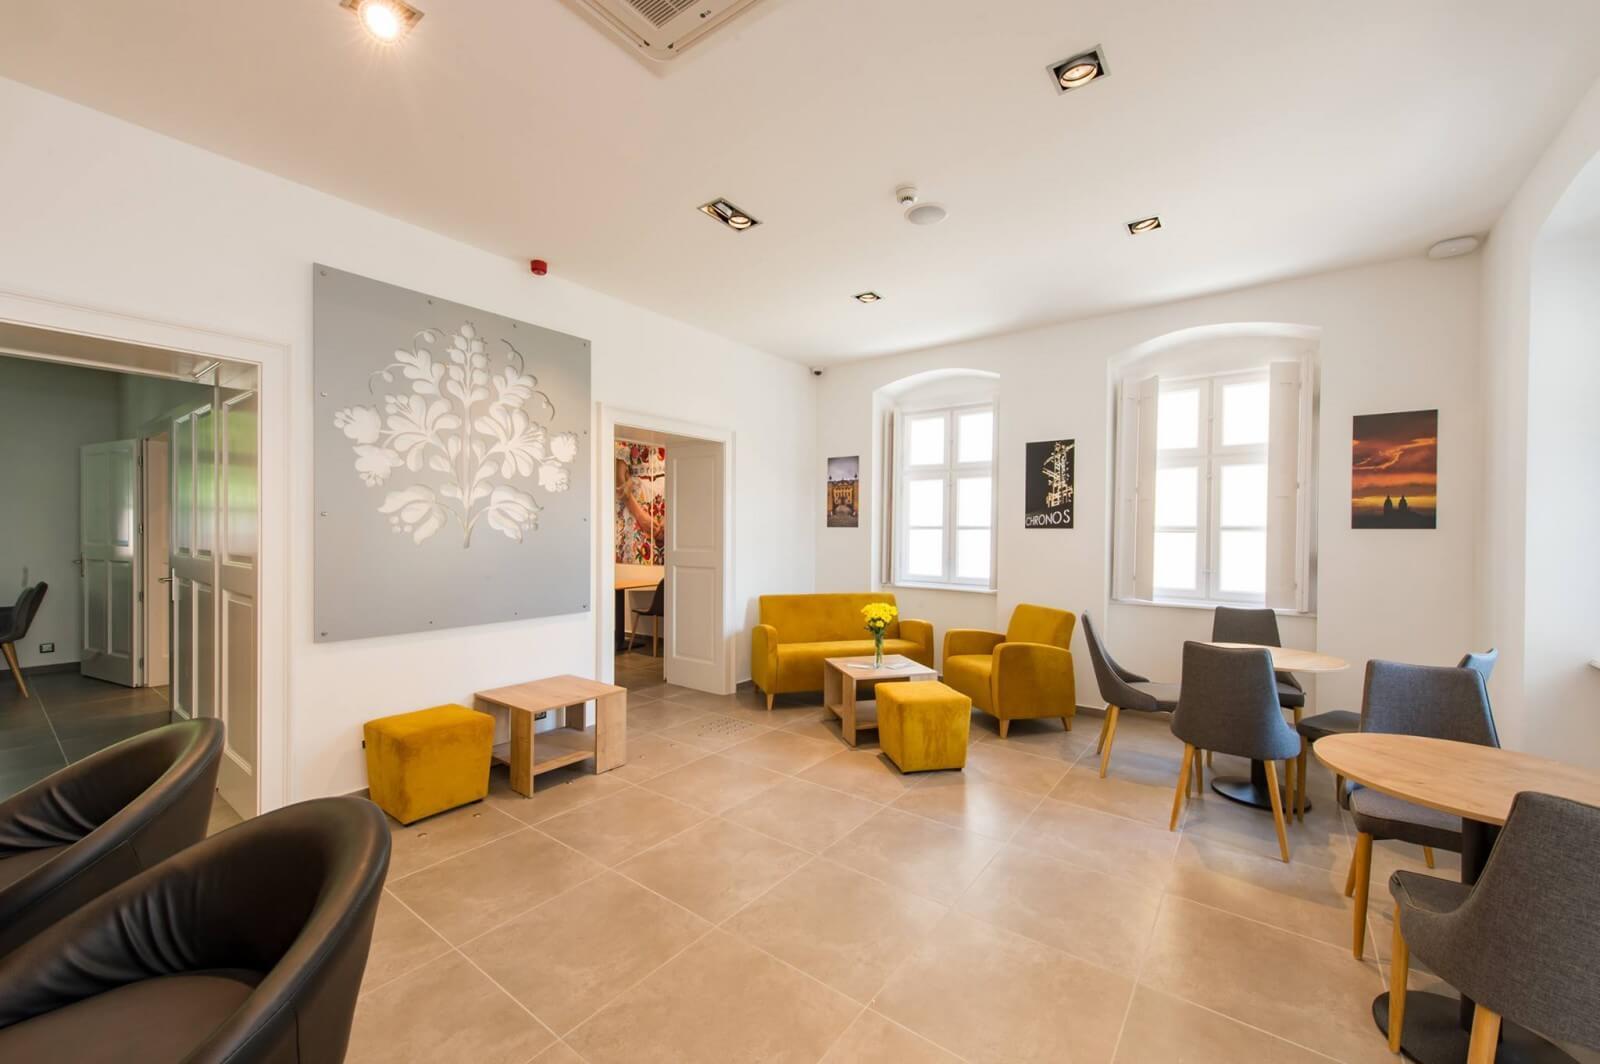 1848-as szabadságharcosok egykori lakóházában nyílt szálloda Kalocsán